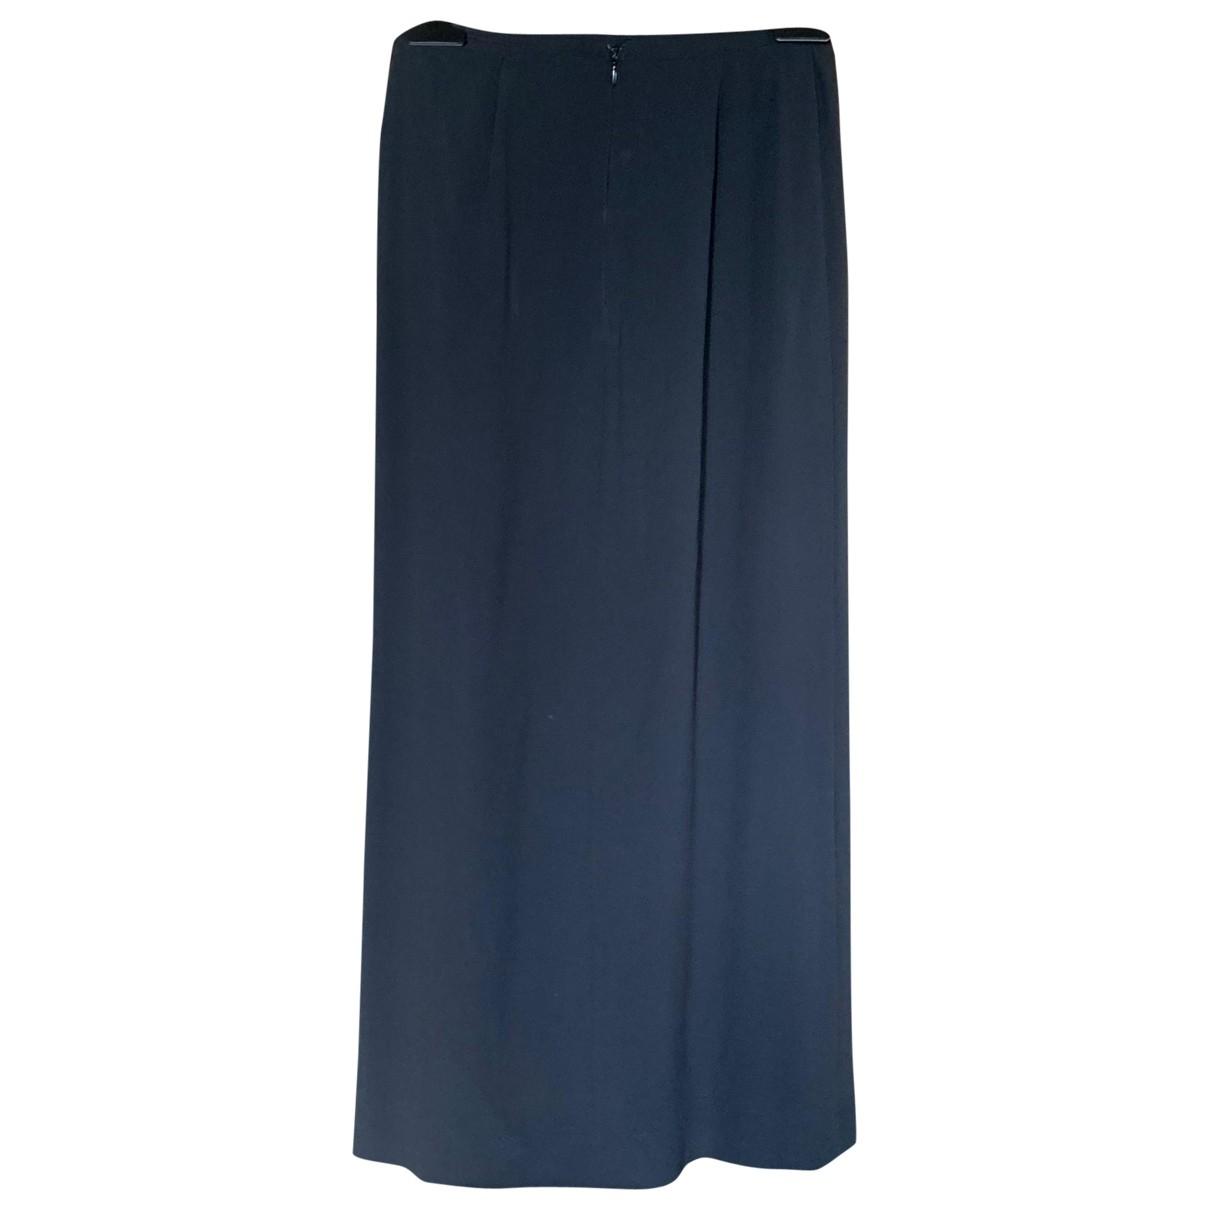 Miu Miu - Jupe   pour femme en soie - noir